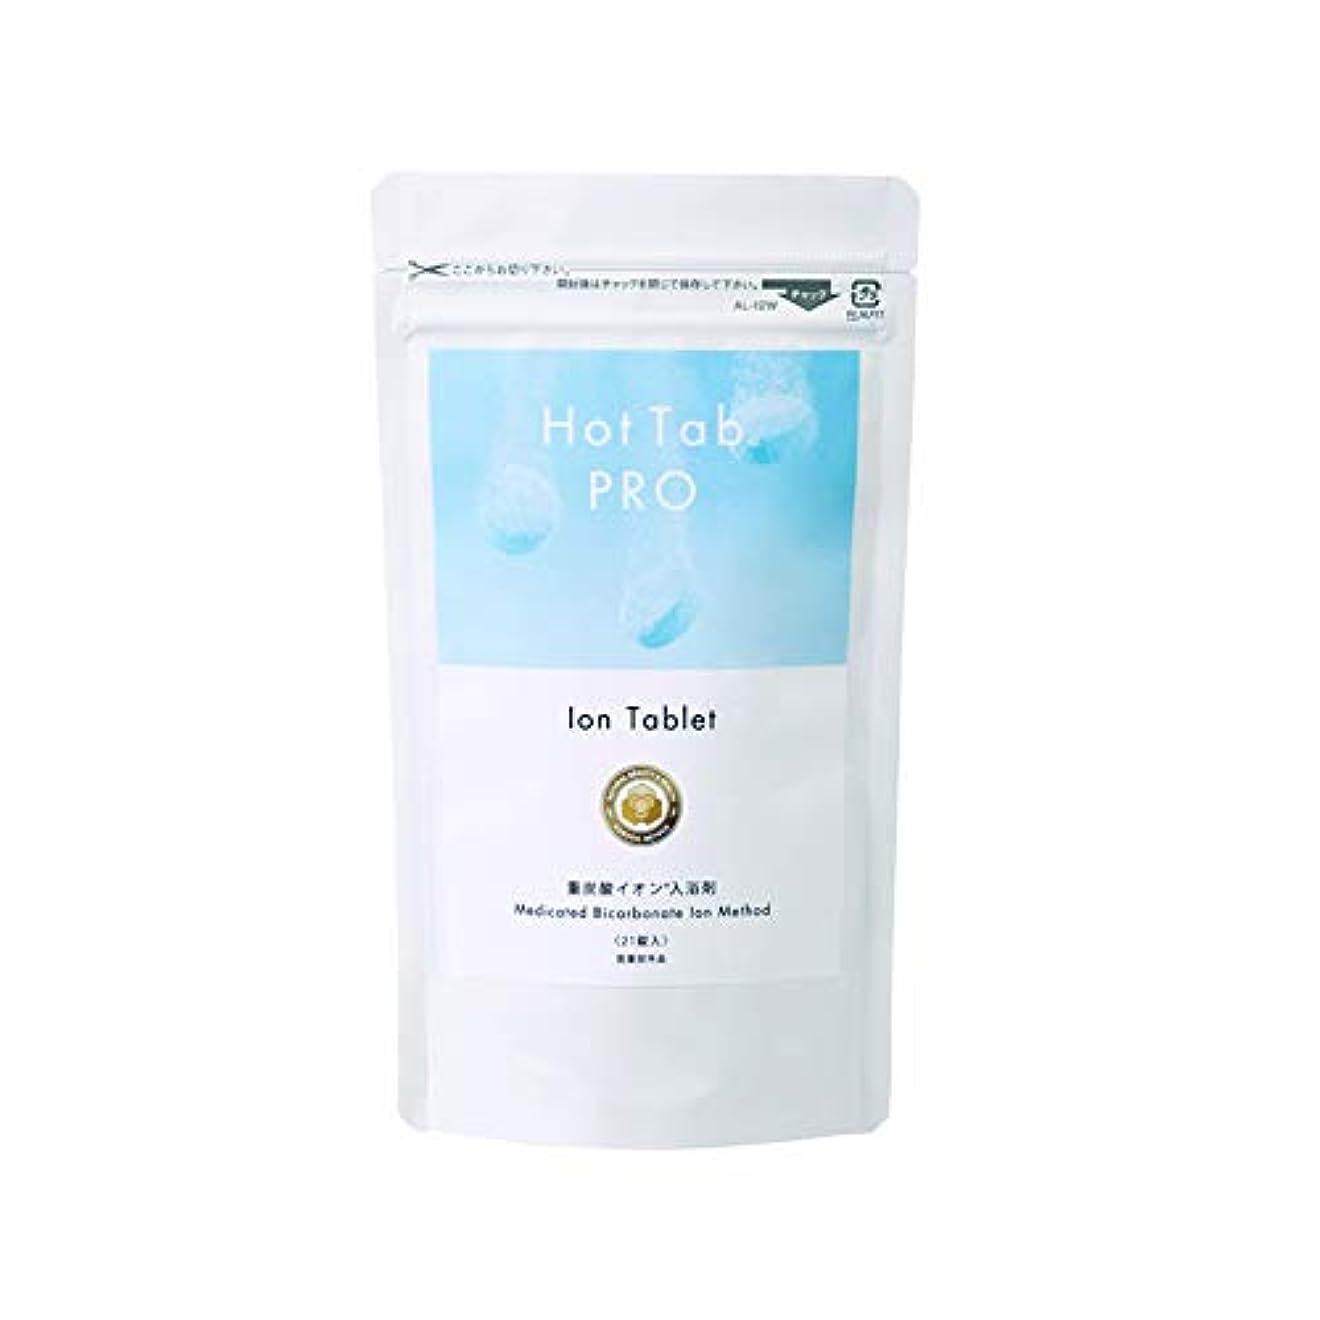 最新型 日本製なめらか重炭酸入浴剤「ホットタブPro」(デリケートな肌でも安心 無香料 無着色 中性pH) (21錠セット)